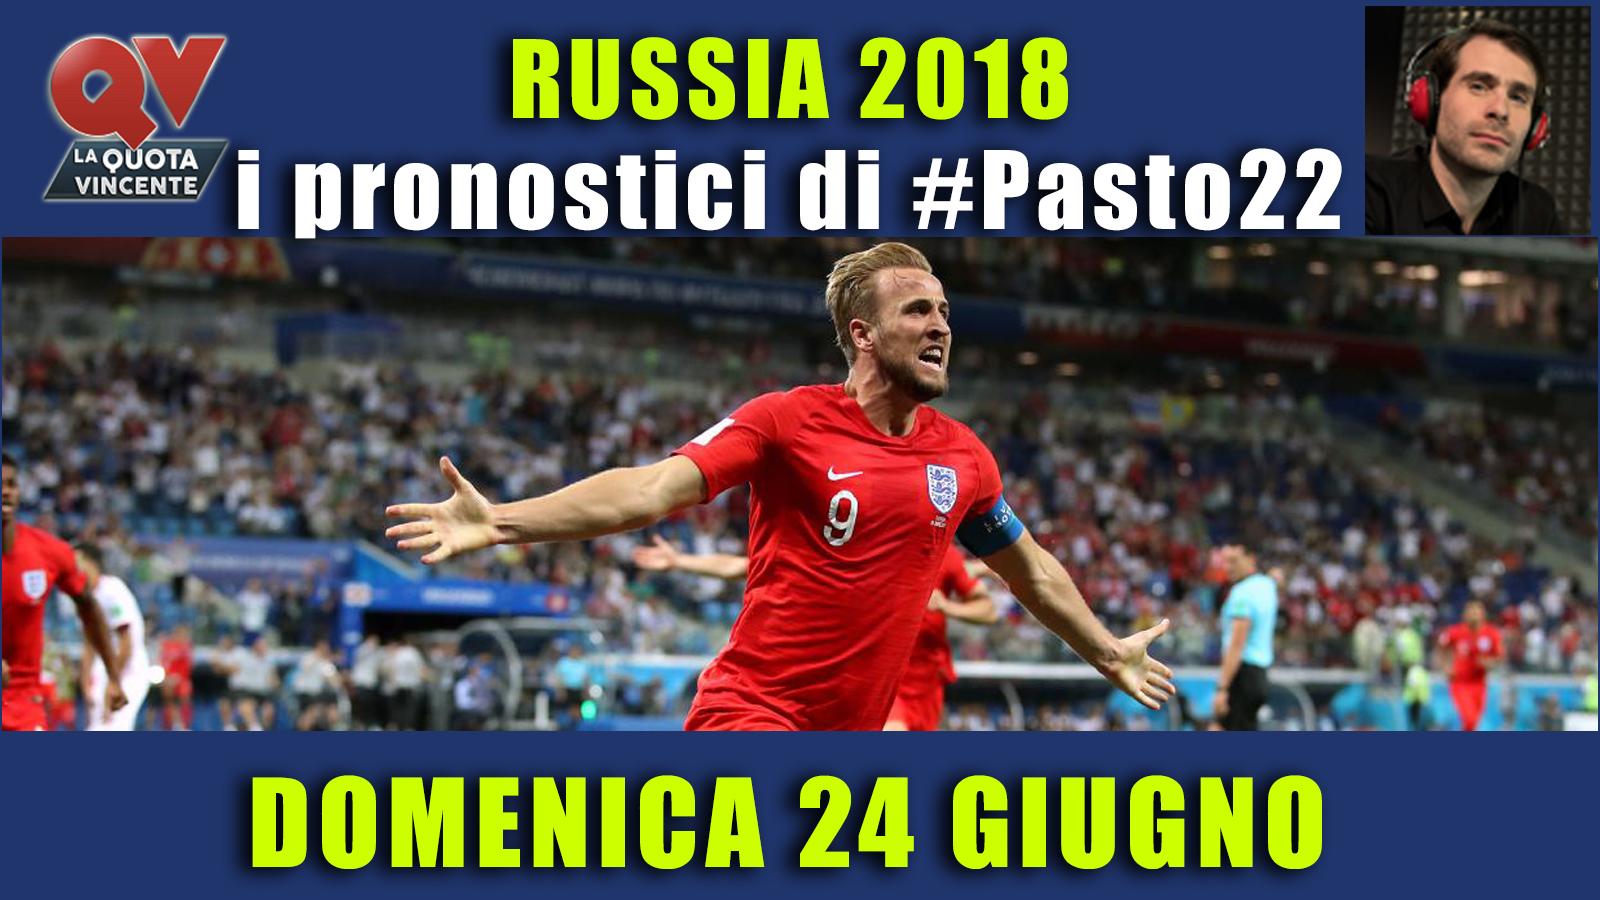 Pronostici Mondiali 24 giugno: le dritte di #Pasto22 a Russia 2018